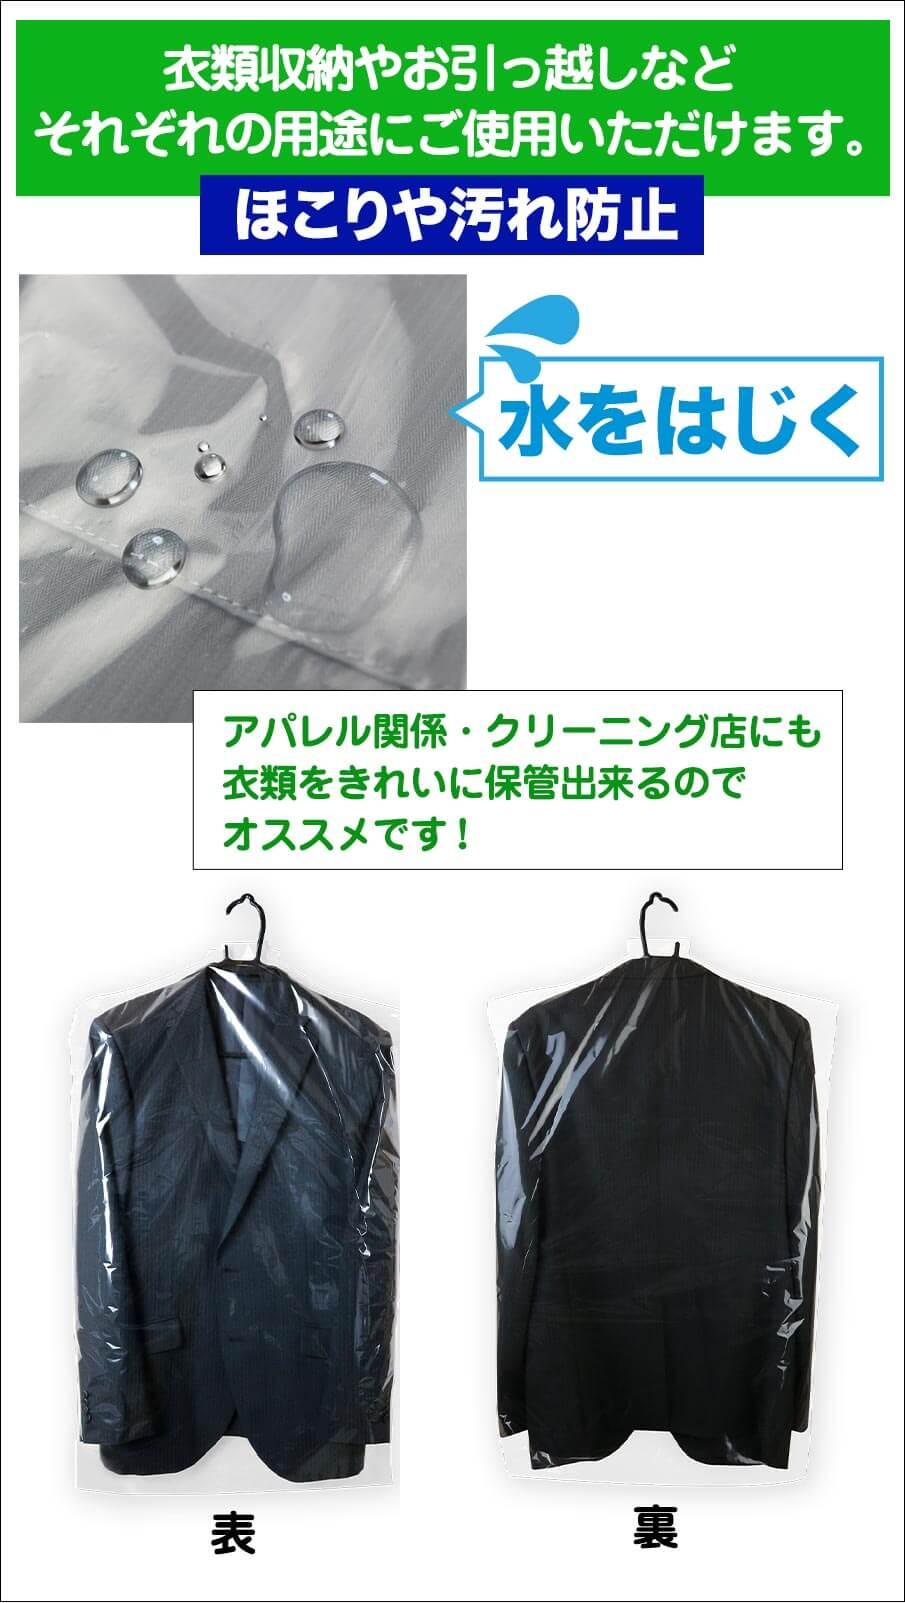 クリーニング袋の特徴